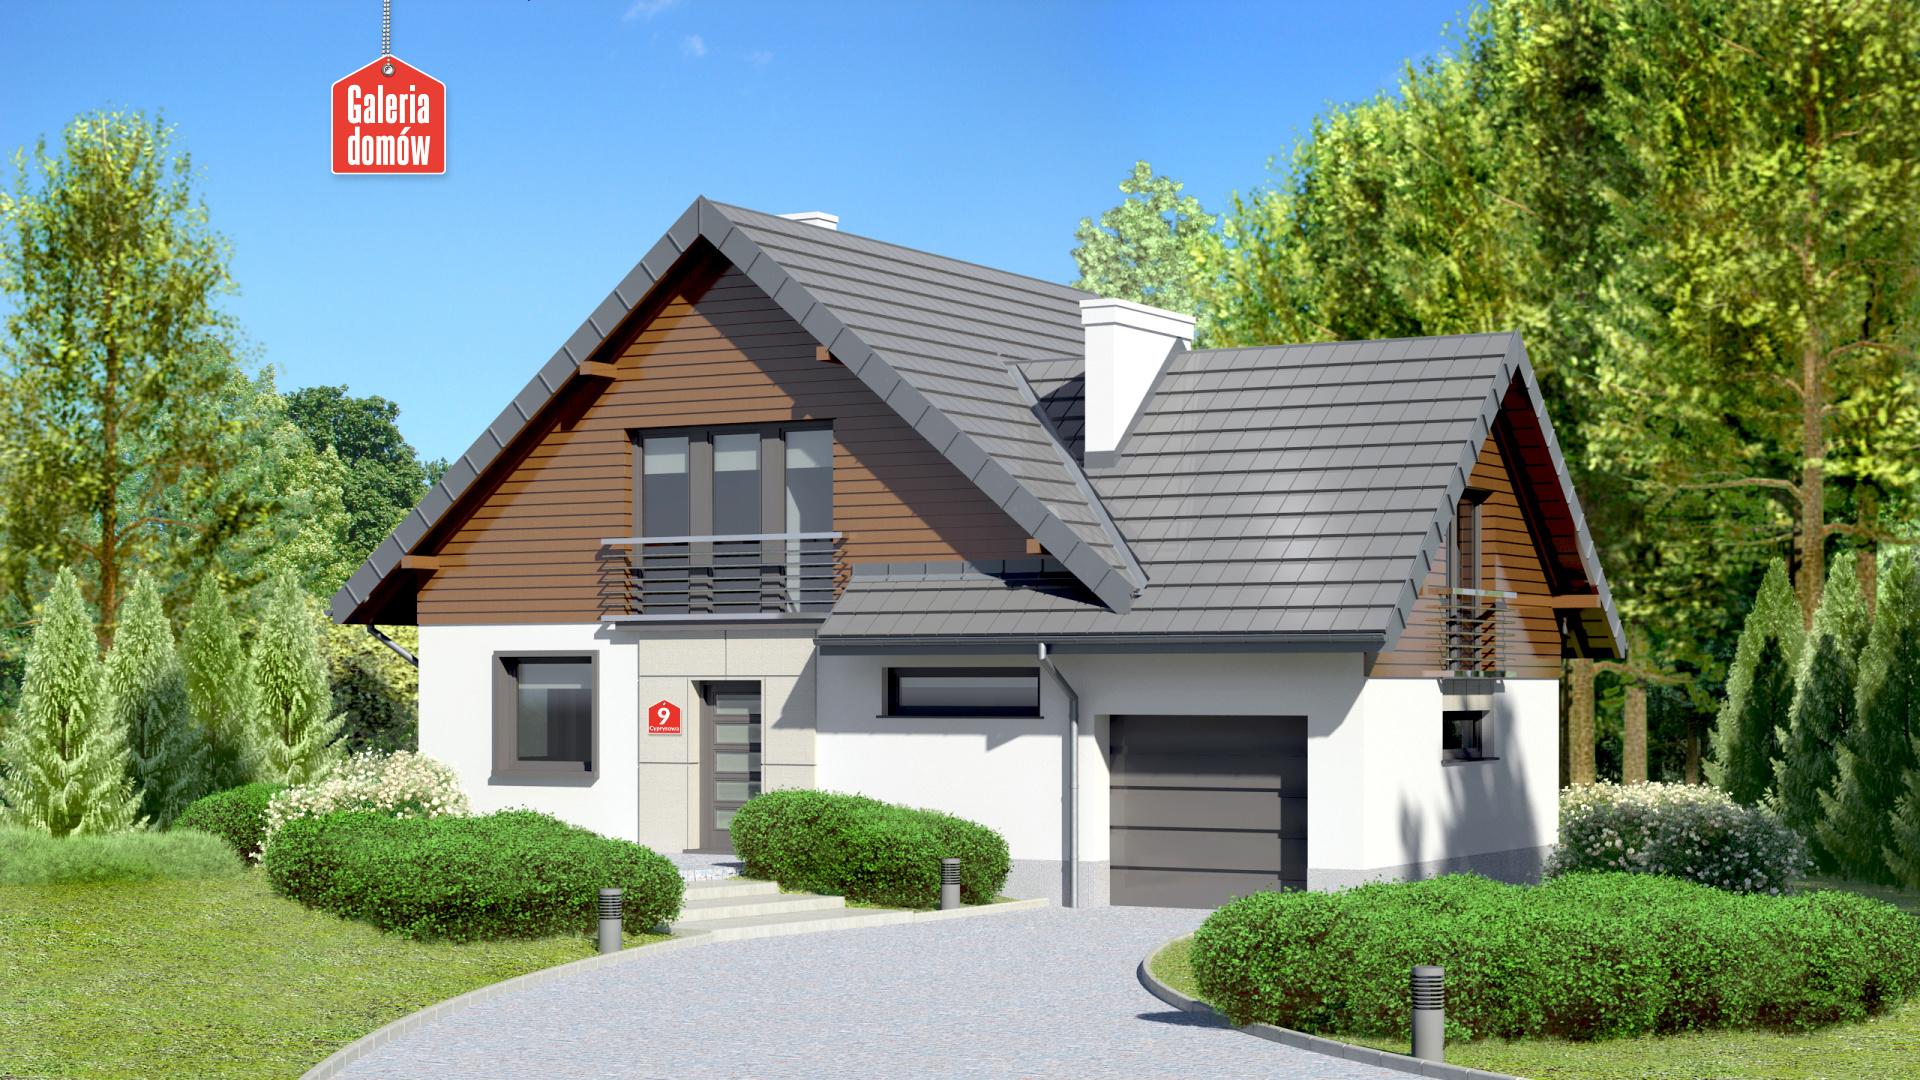 Dom przy Cyprysowej 9 - zdjęcie projektu i wizualizacja